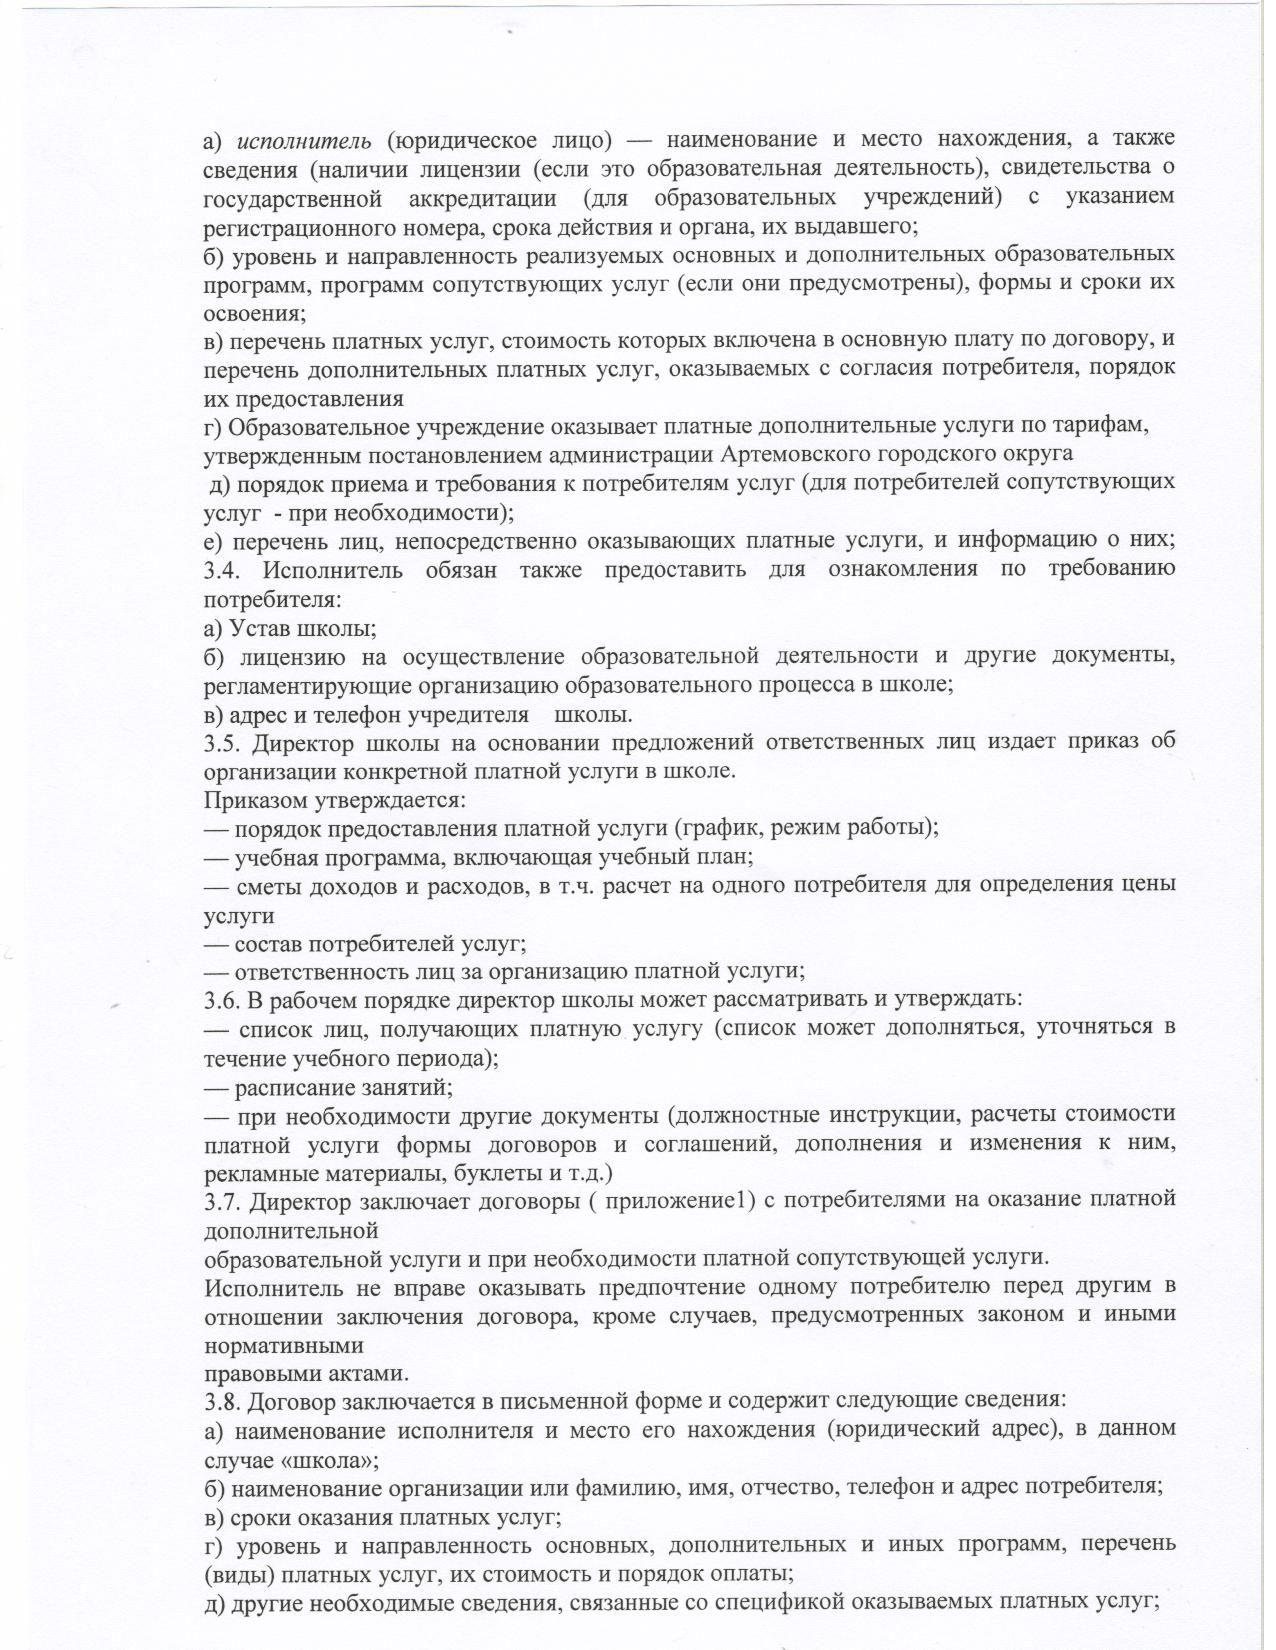 Учебник русского языка бунеева 5 класс скачать